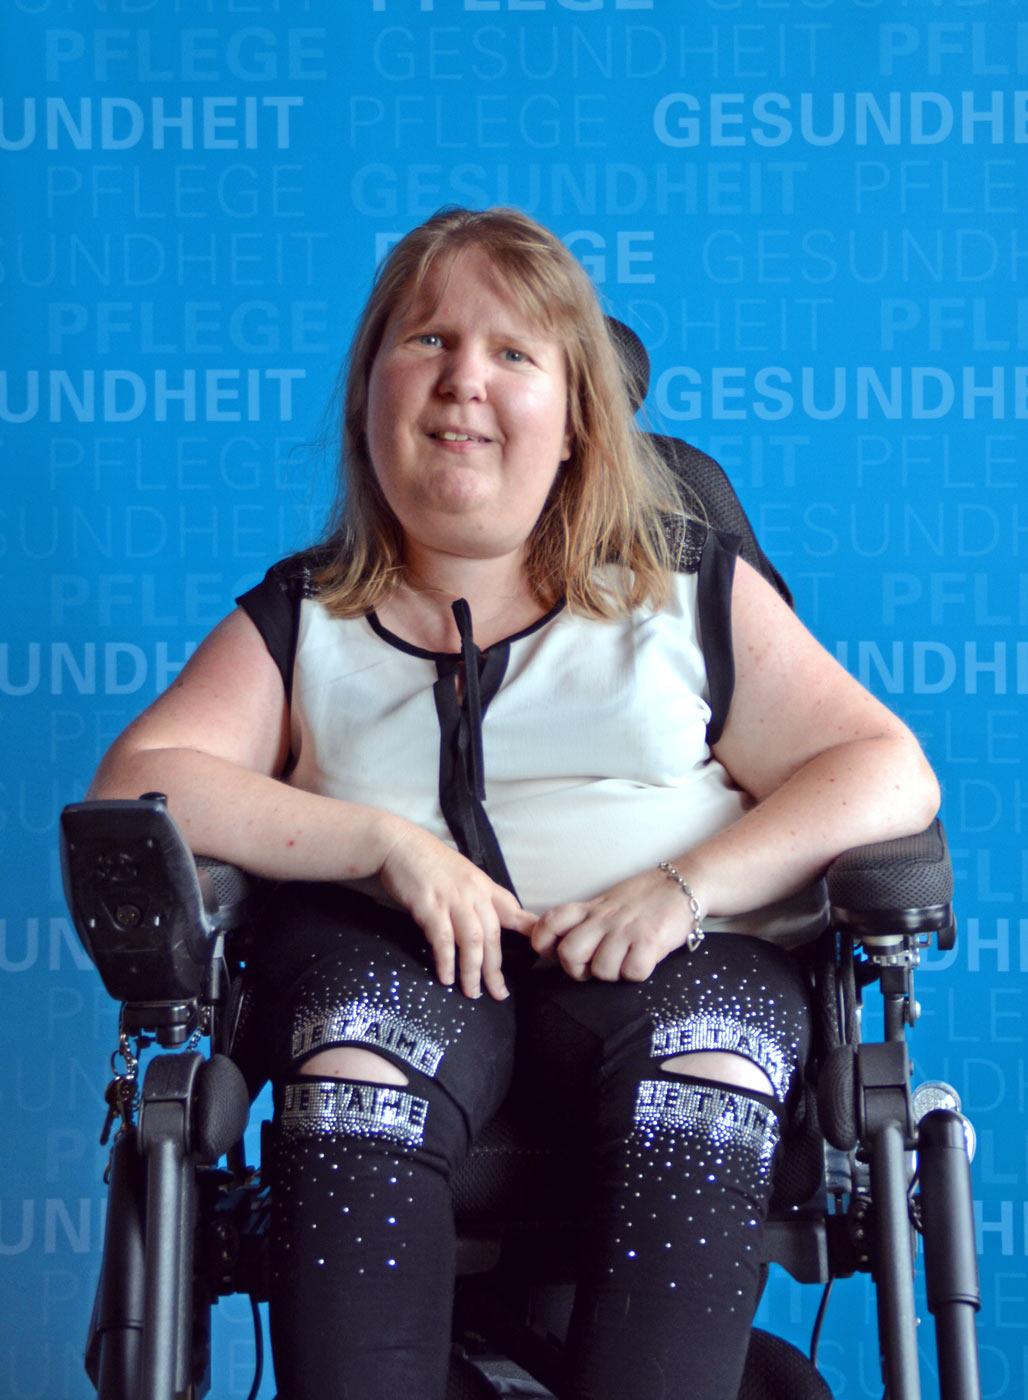 Dunja Rubin, Mitglied der Bayerischen Ethikkommission für Präimplantationsdiagnostik